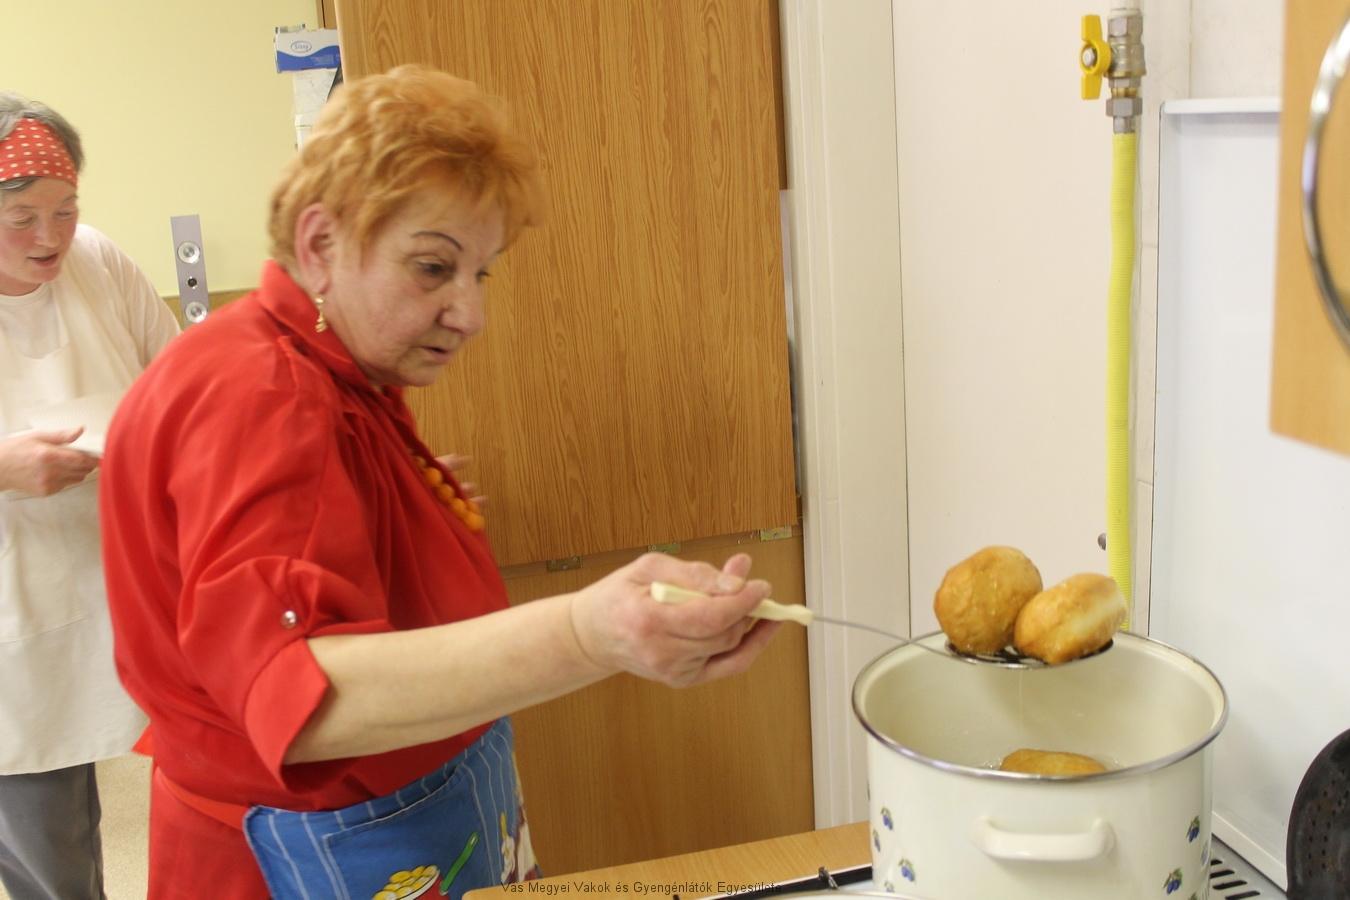 Kissné Marika a fánkokat szedi ki a forró olajból. Szép szalagosak lettek a fánkok. Háttérben Verácska látható.